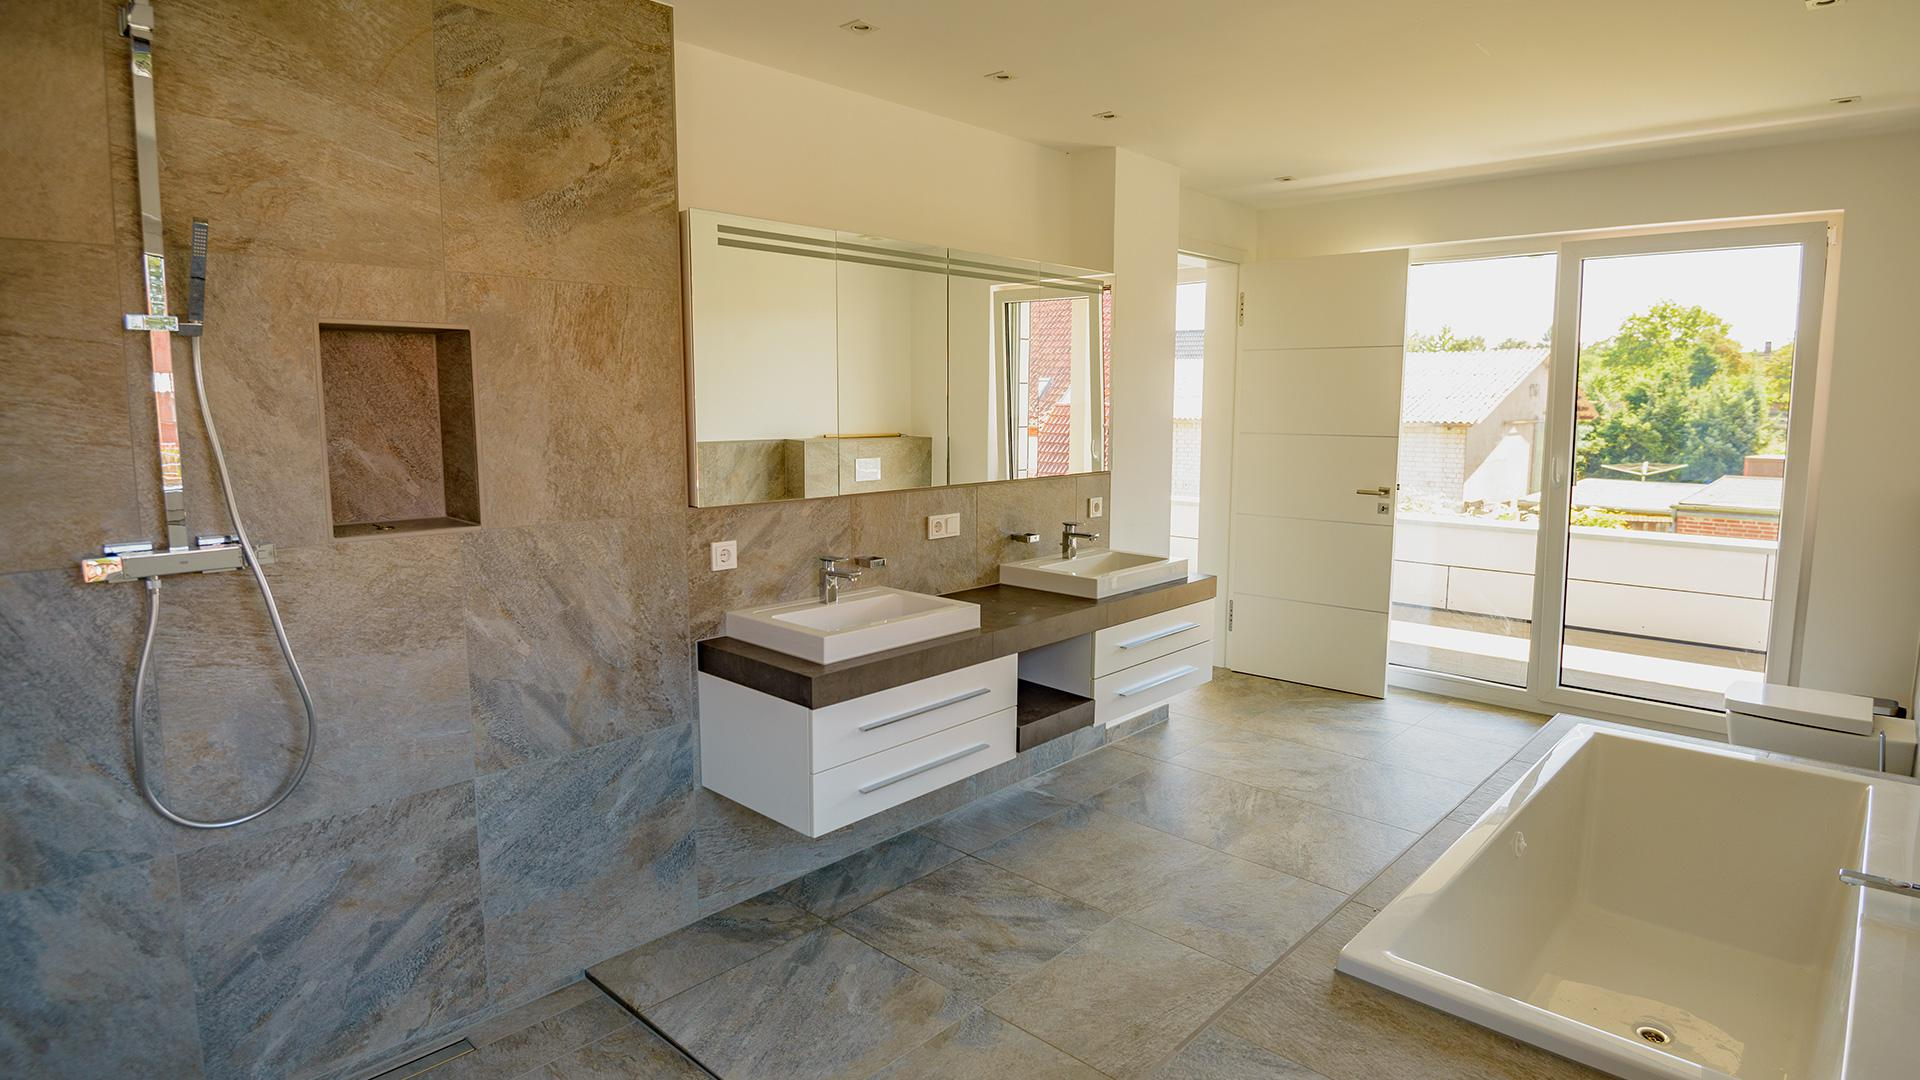 modernes Badezimmer mit bodentiefen Fenstern mit Blick in den Garten